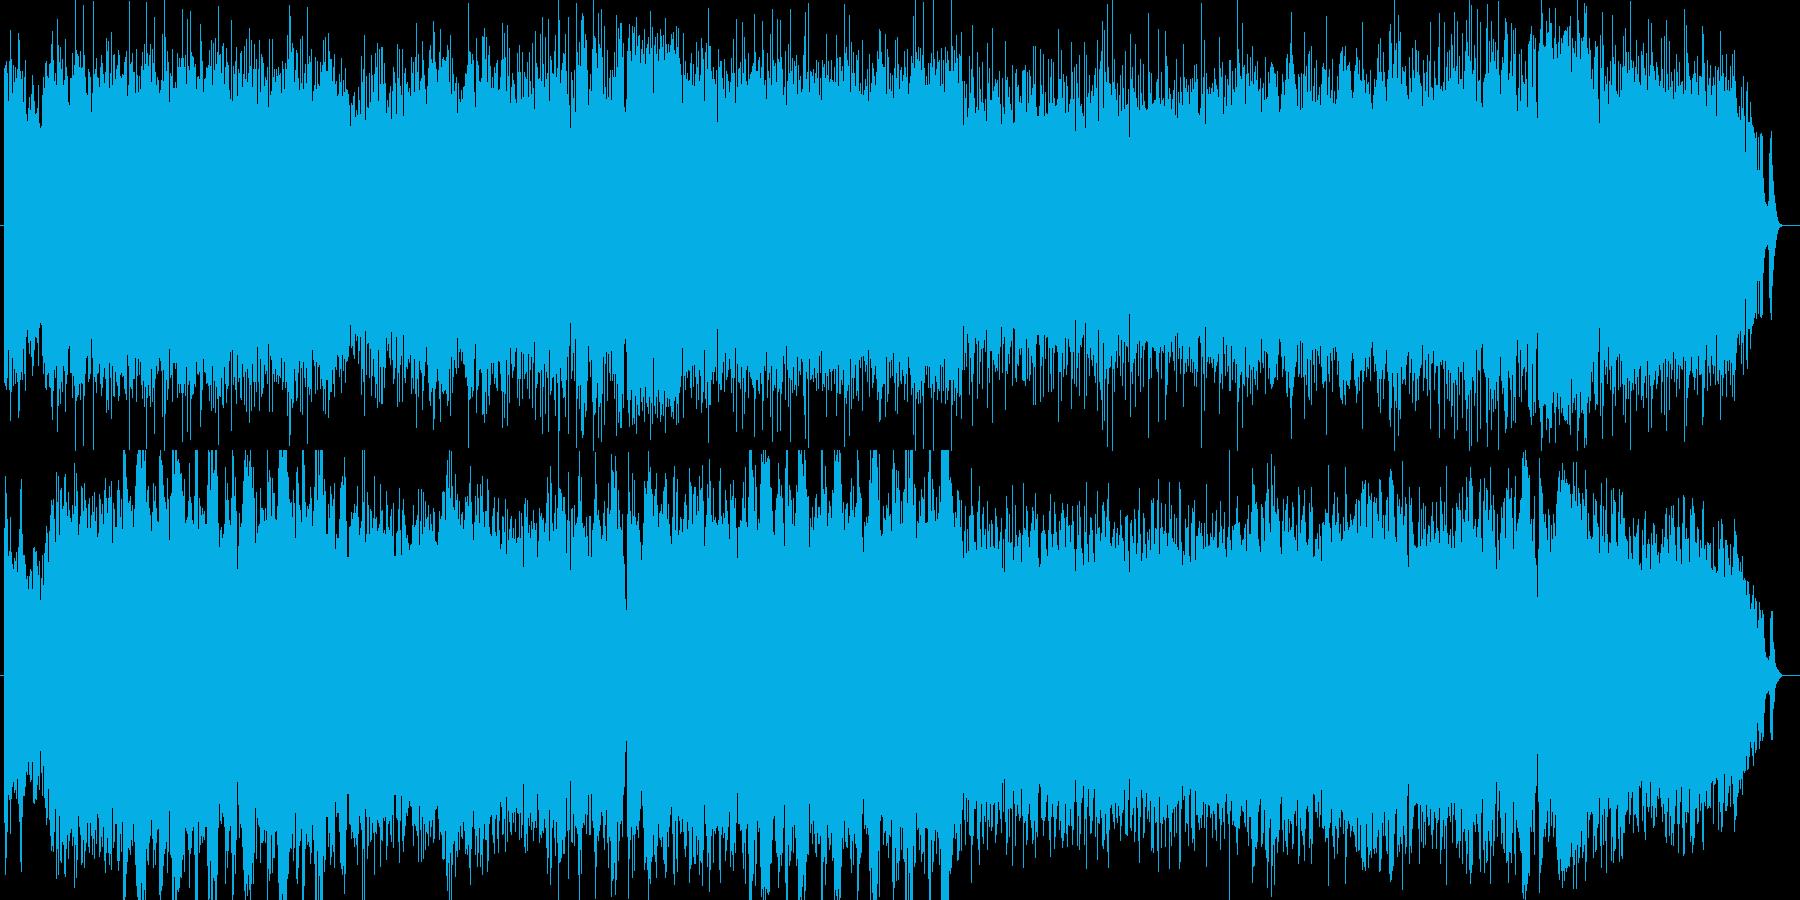 怪しげな雰囲気のサスペンスフルな曲の再生済みの波形